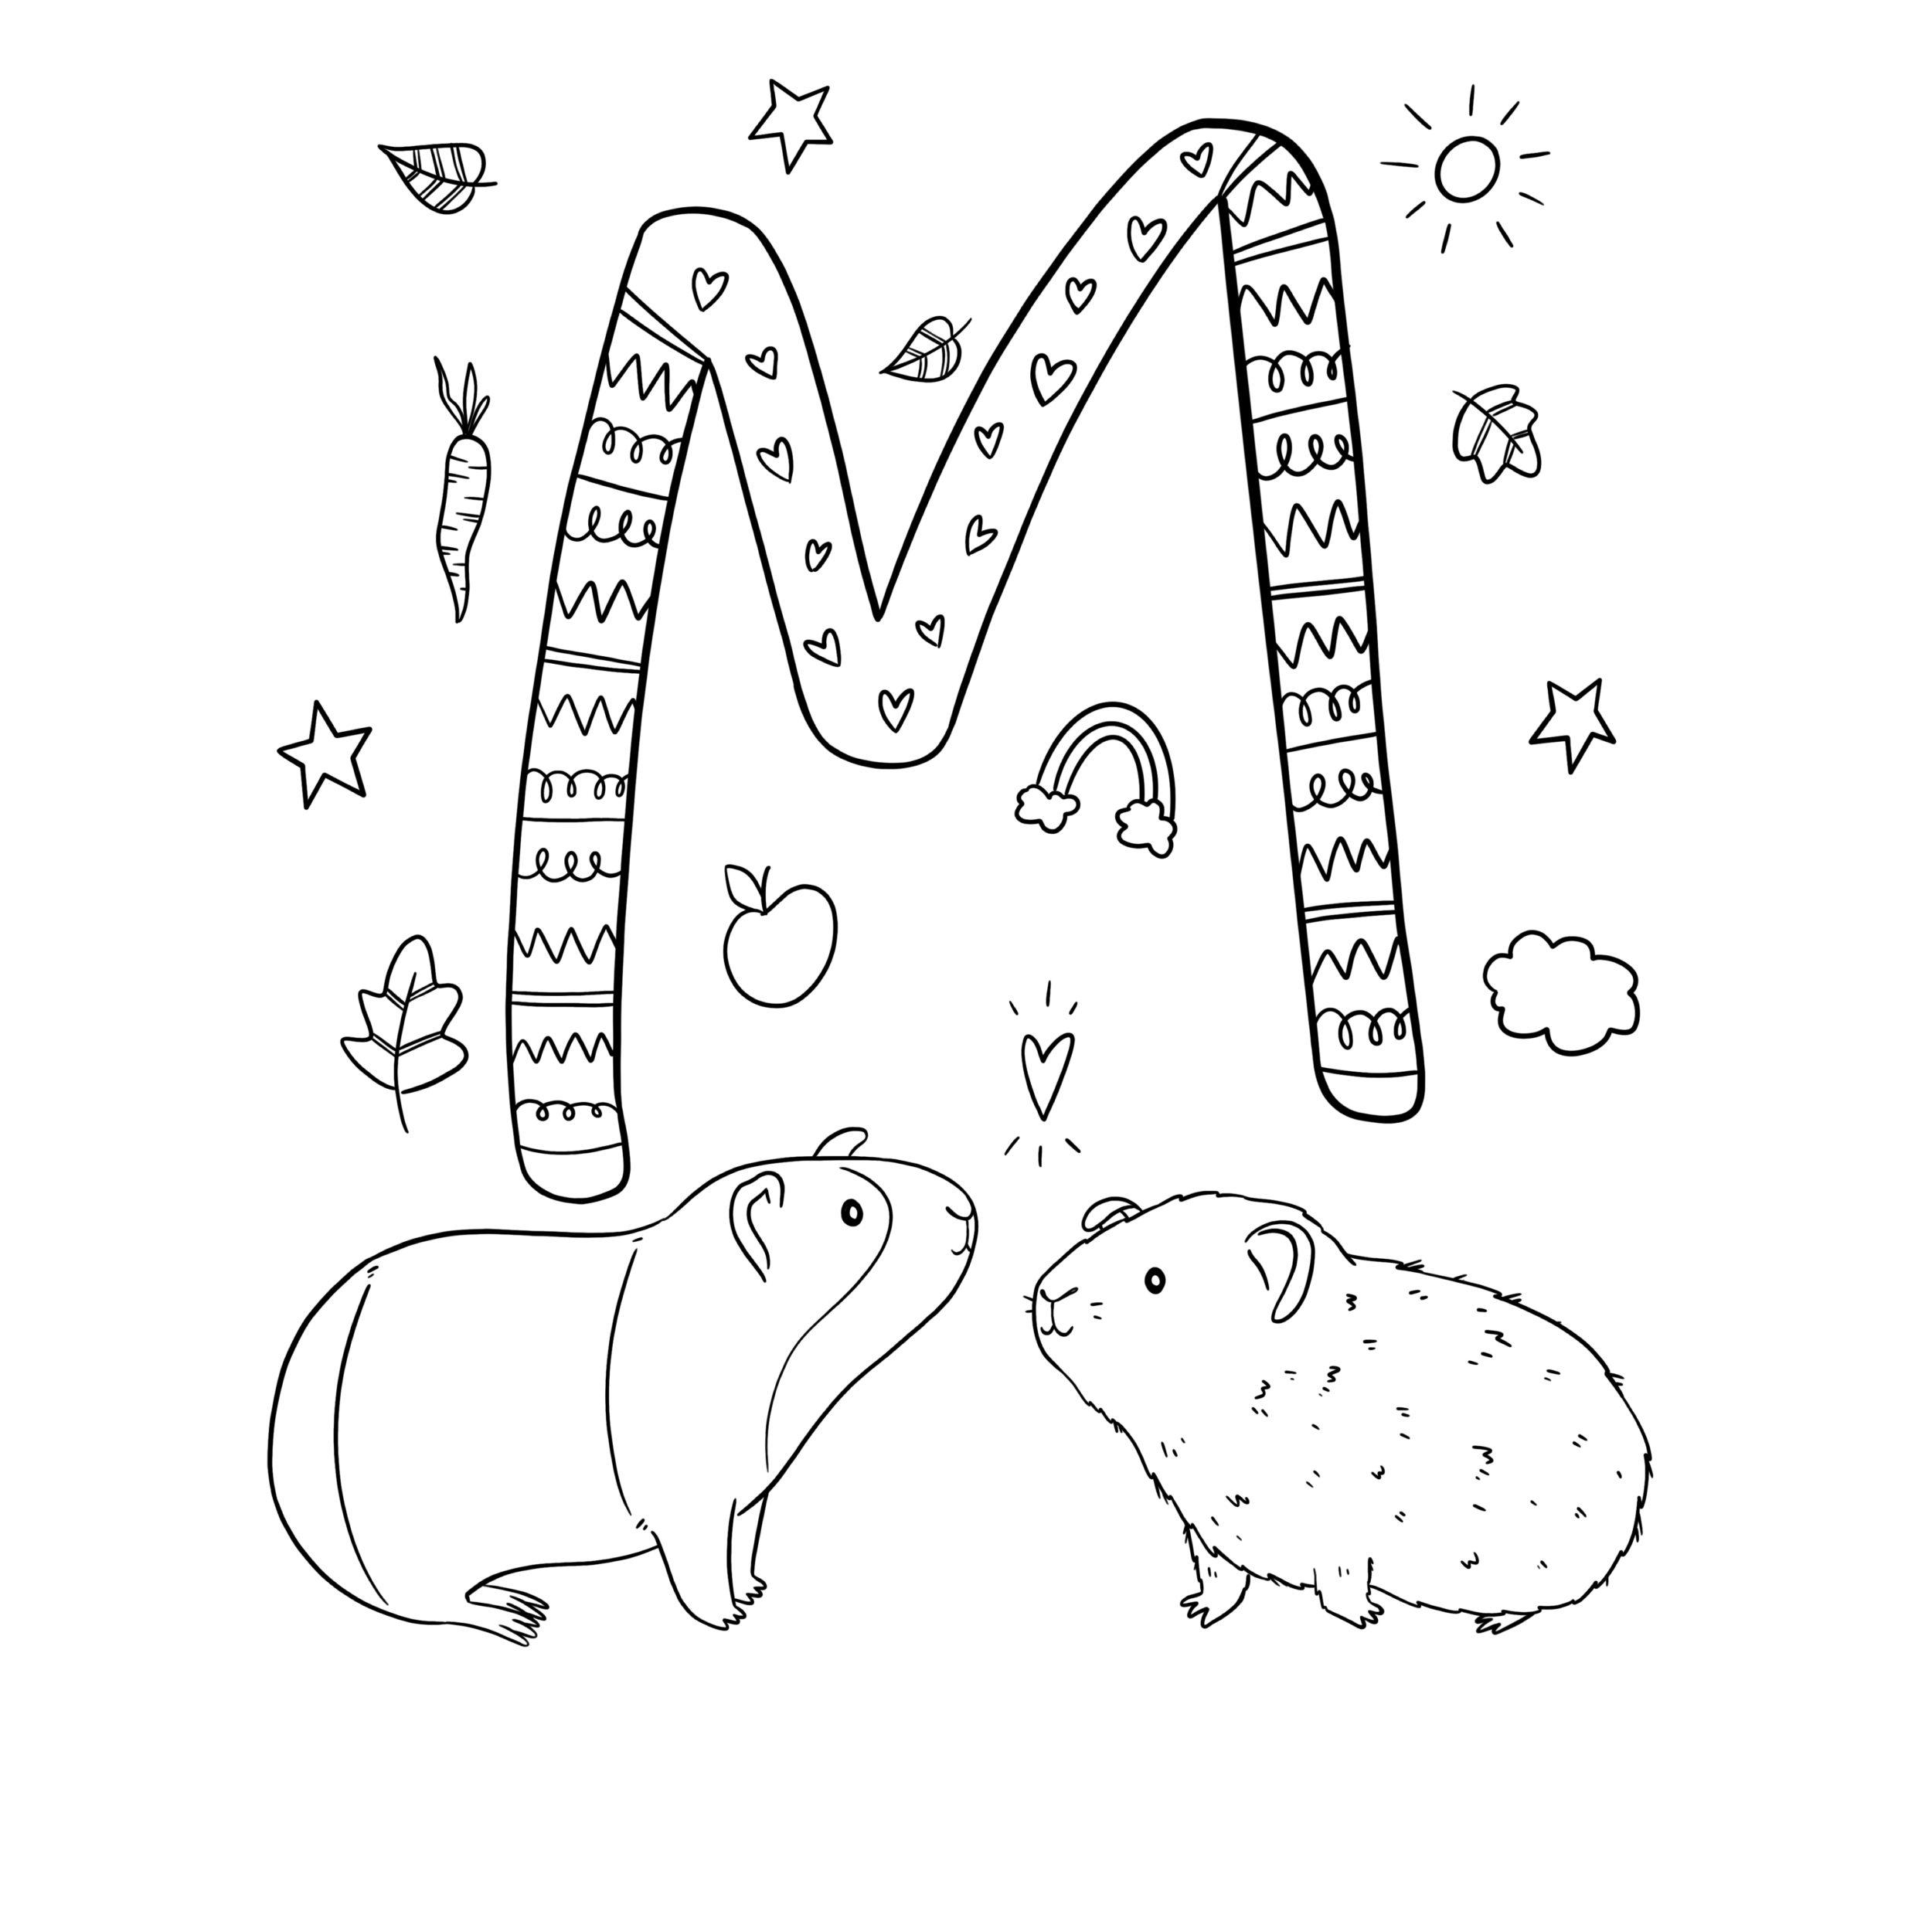 Ausmalbild M Wie Verliebte Meerschweinchen Von Alexa Malt über Meerschweinchen Bilder Zum Ausmalen